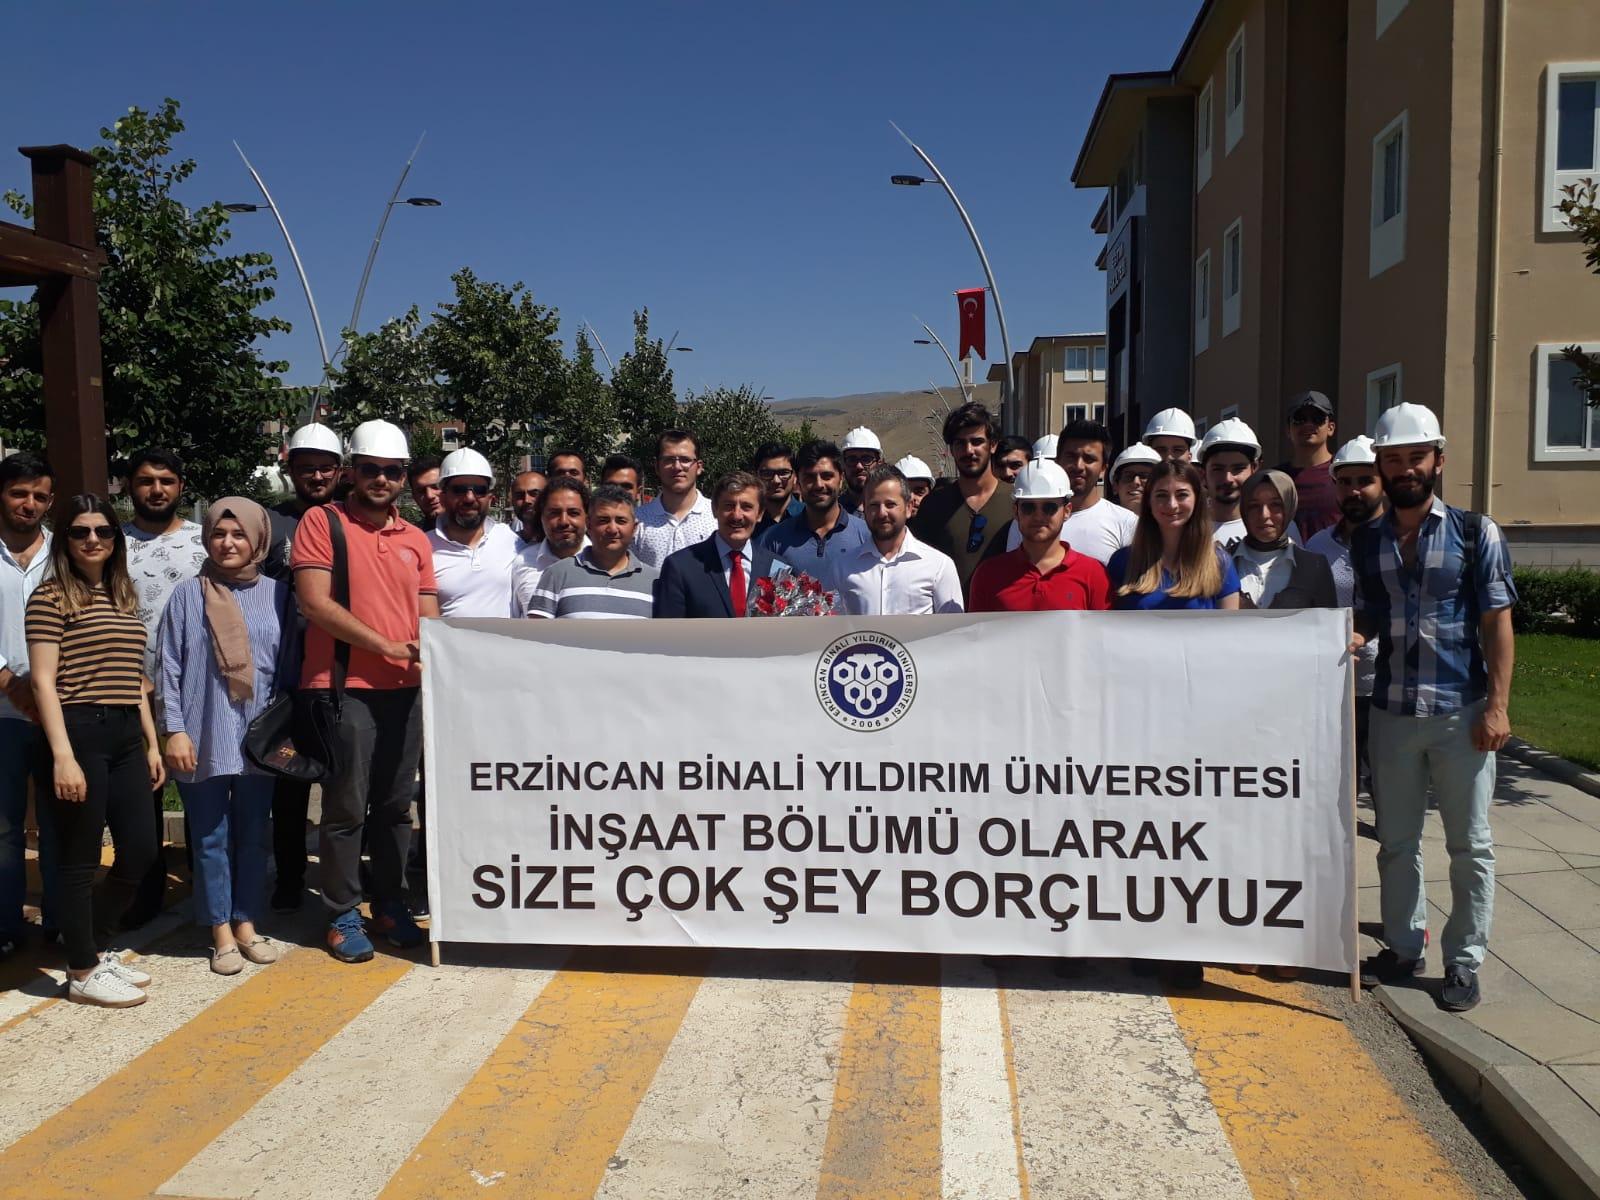 Rektör Prof. Dr. Çapoğlu Veda Ziyaretlerinde